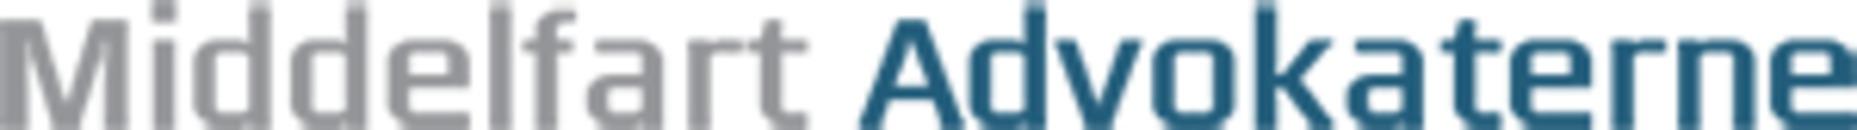 Middelfart Advokaterne logo